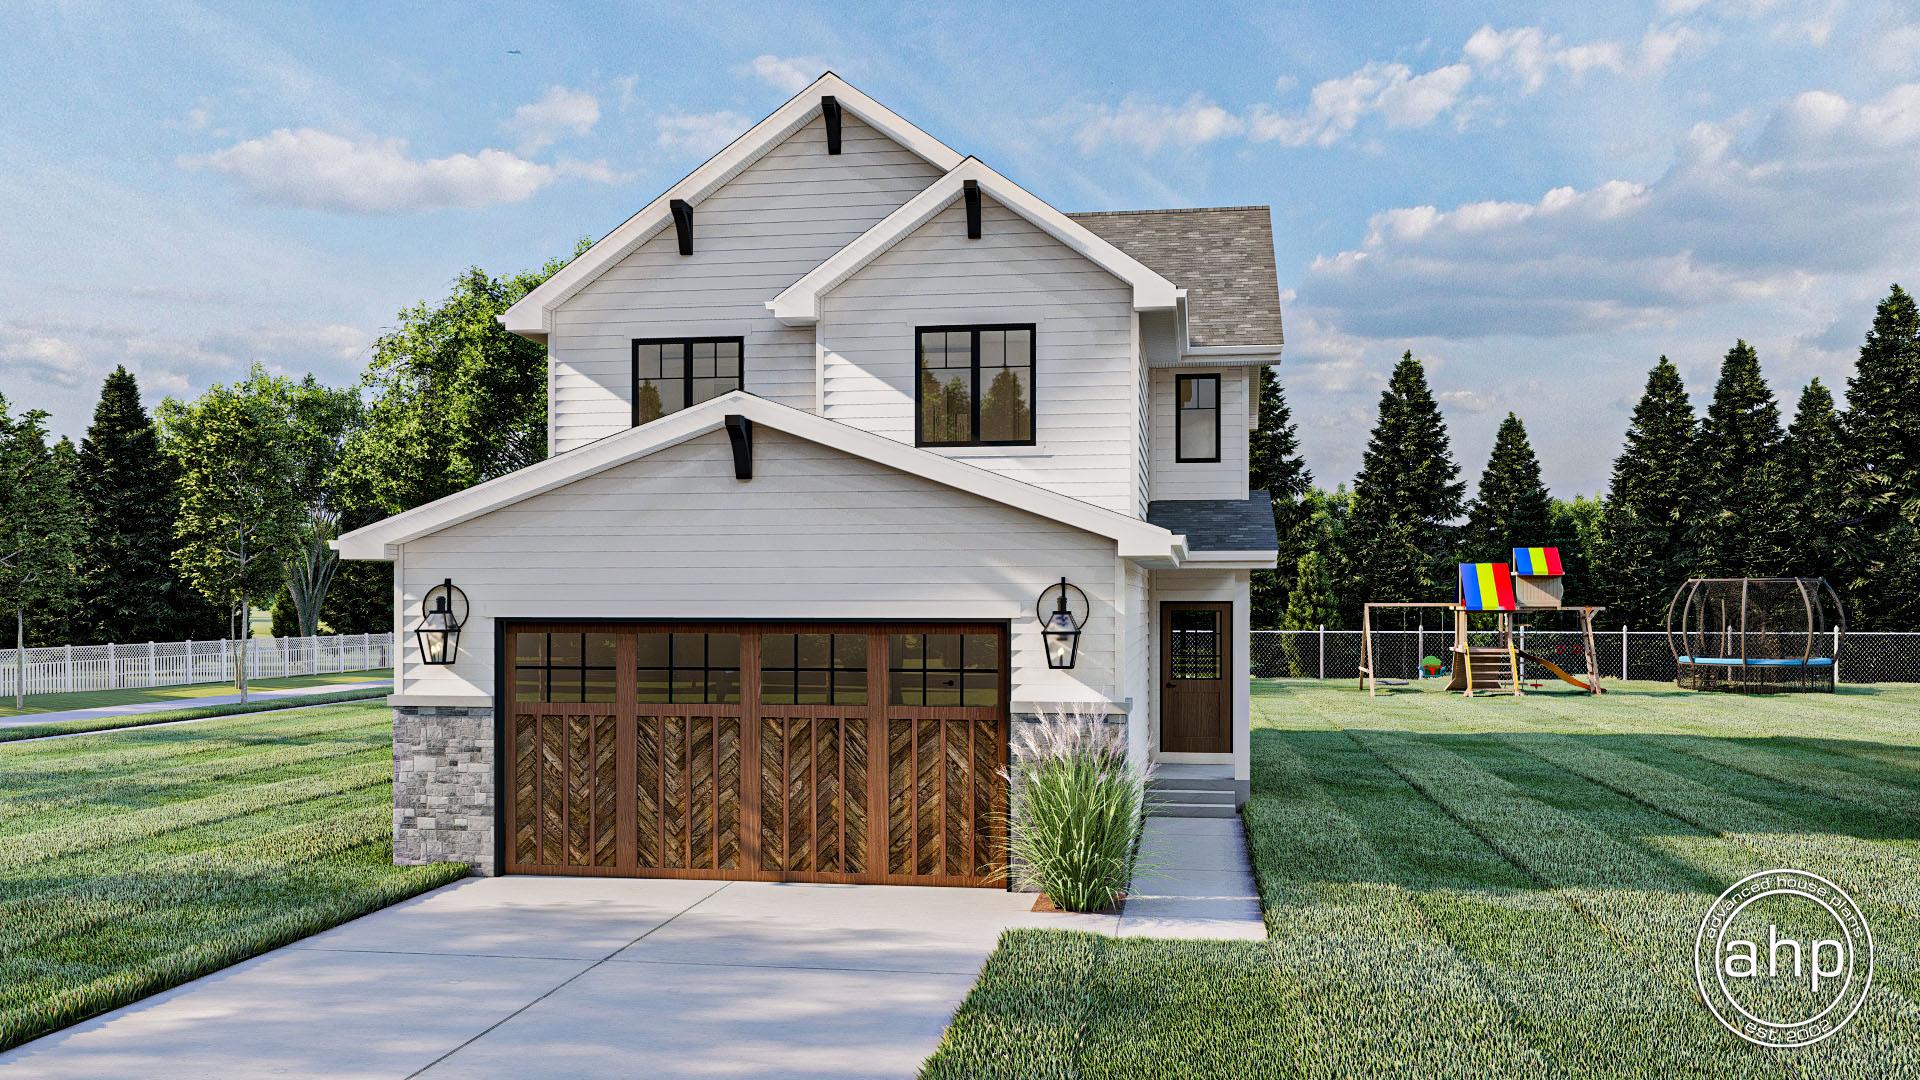 Modern Farmhouse 2 Story House Plan - Cianna